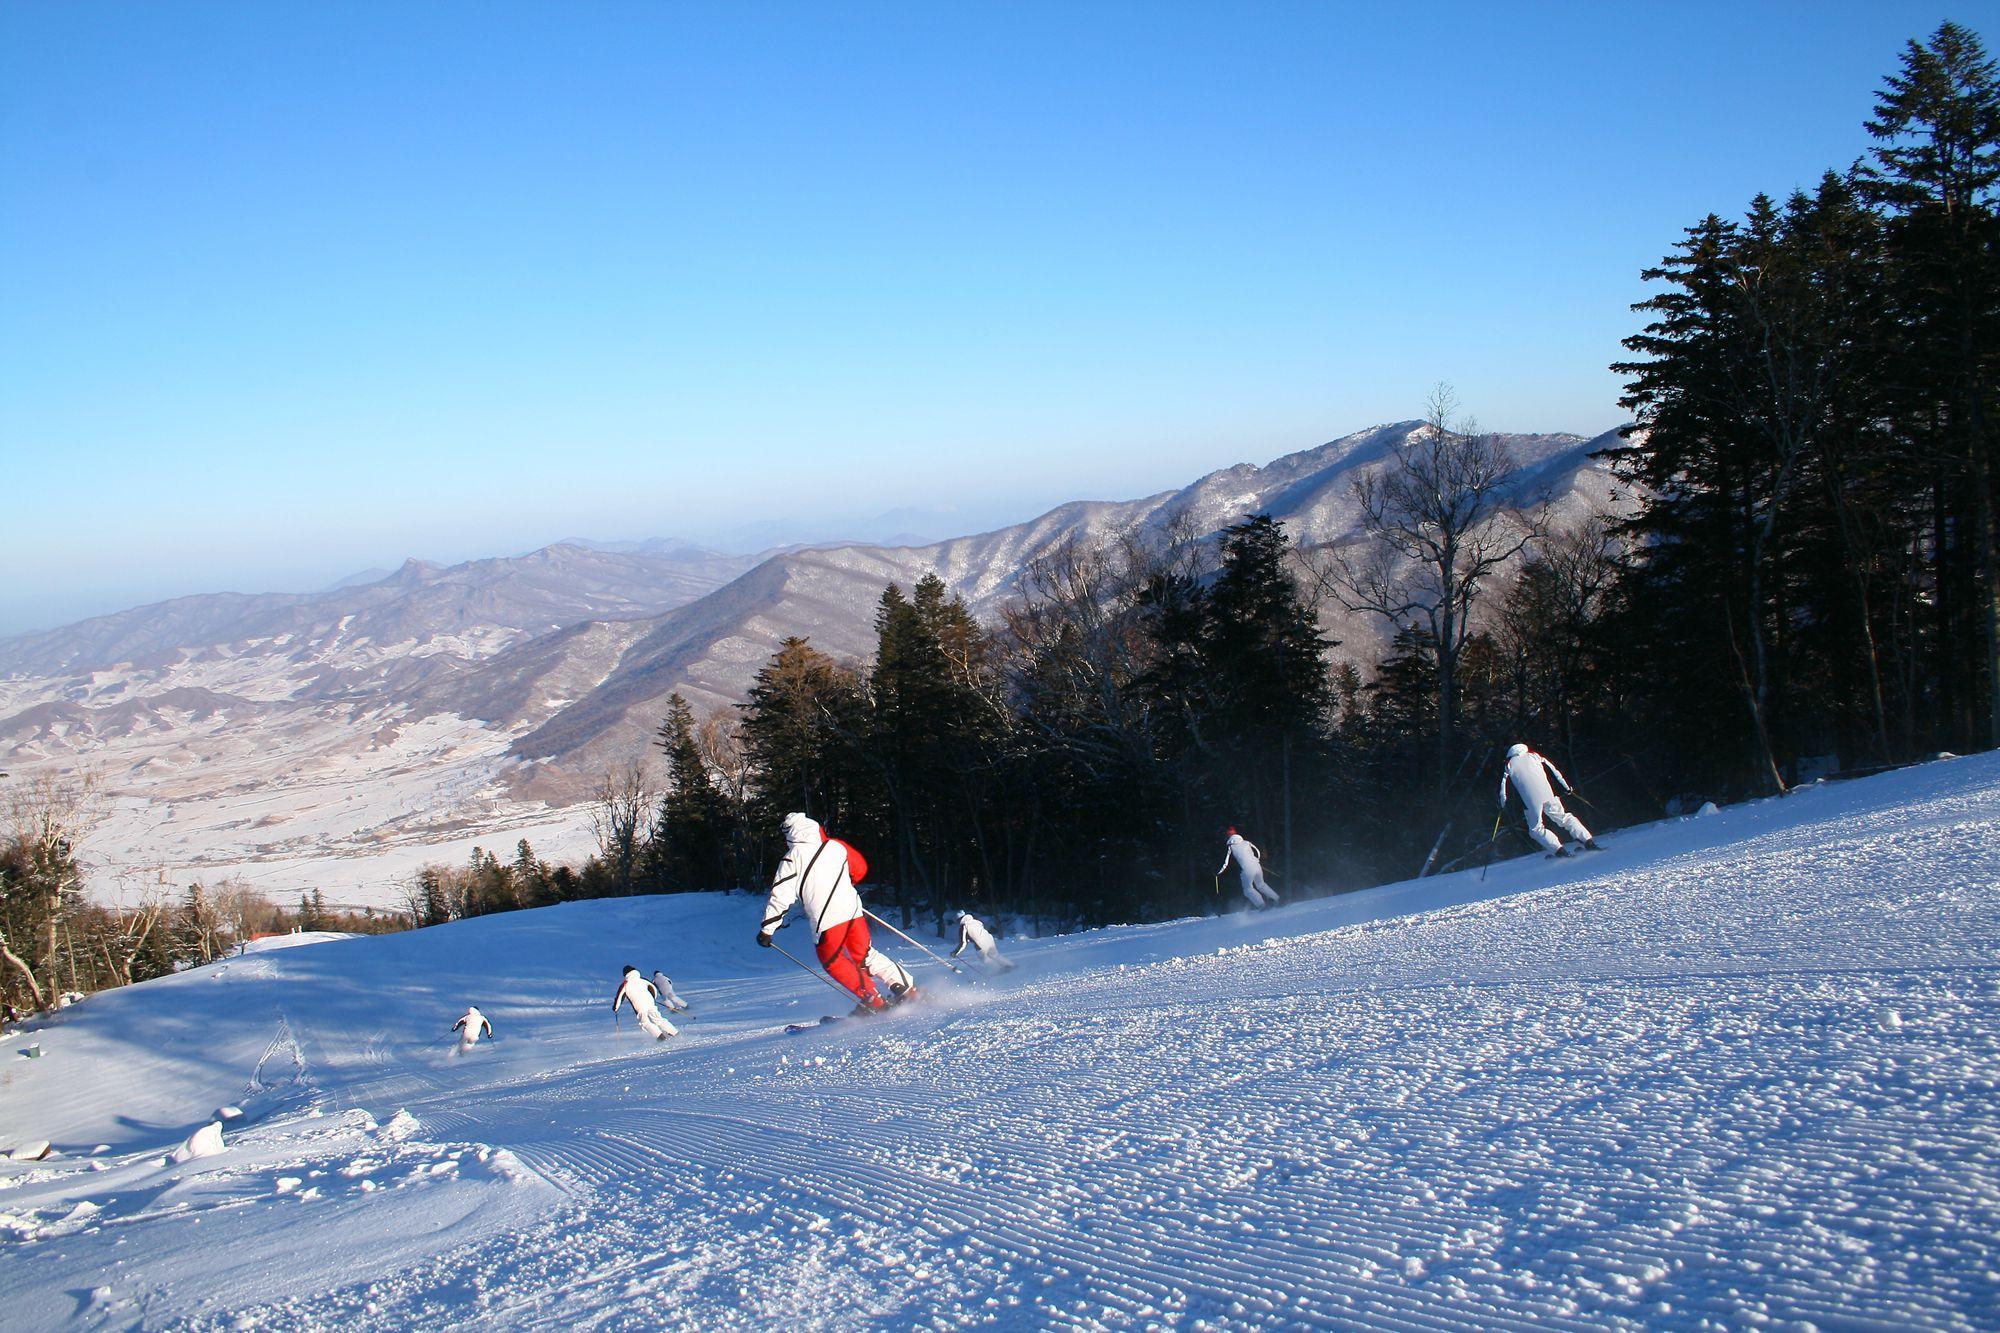 吉林北大壶_吉林北大壶滑雪场门票价格_吉林市吉林北大壶滑雪场门票团